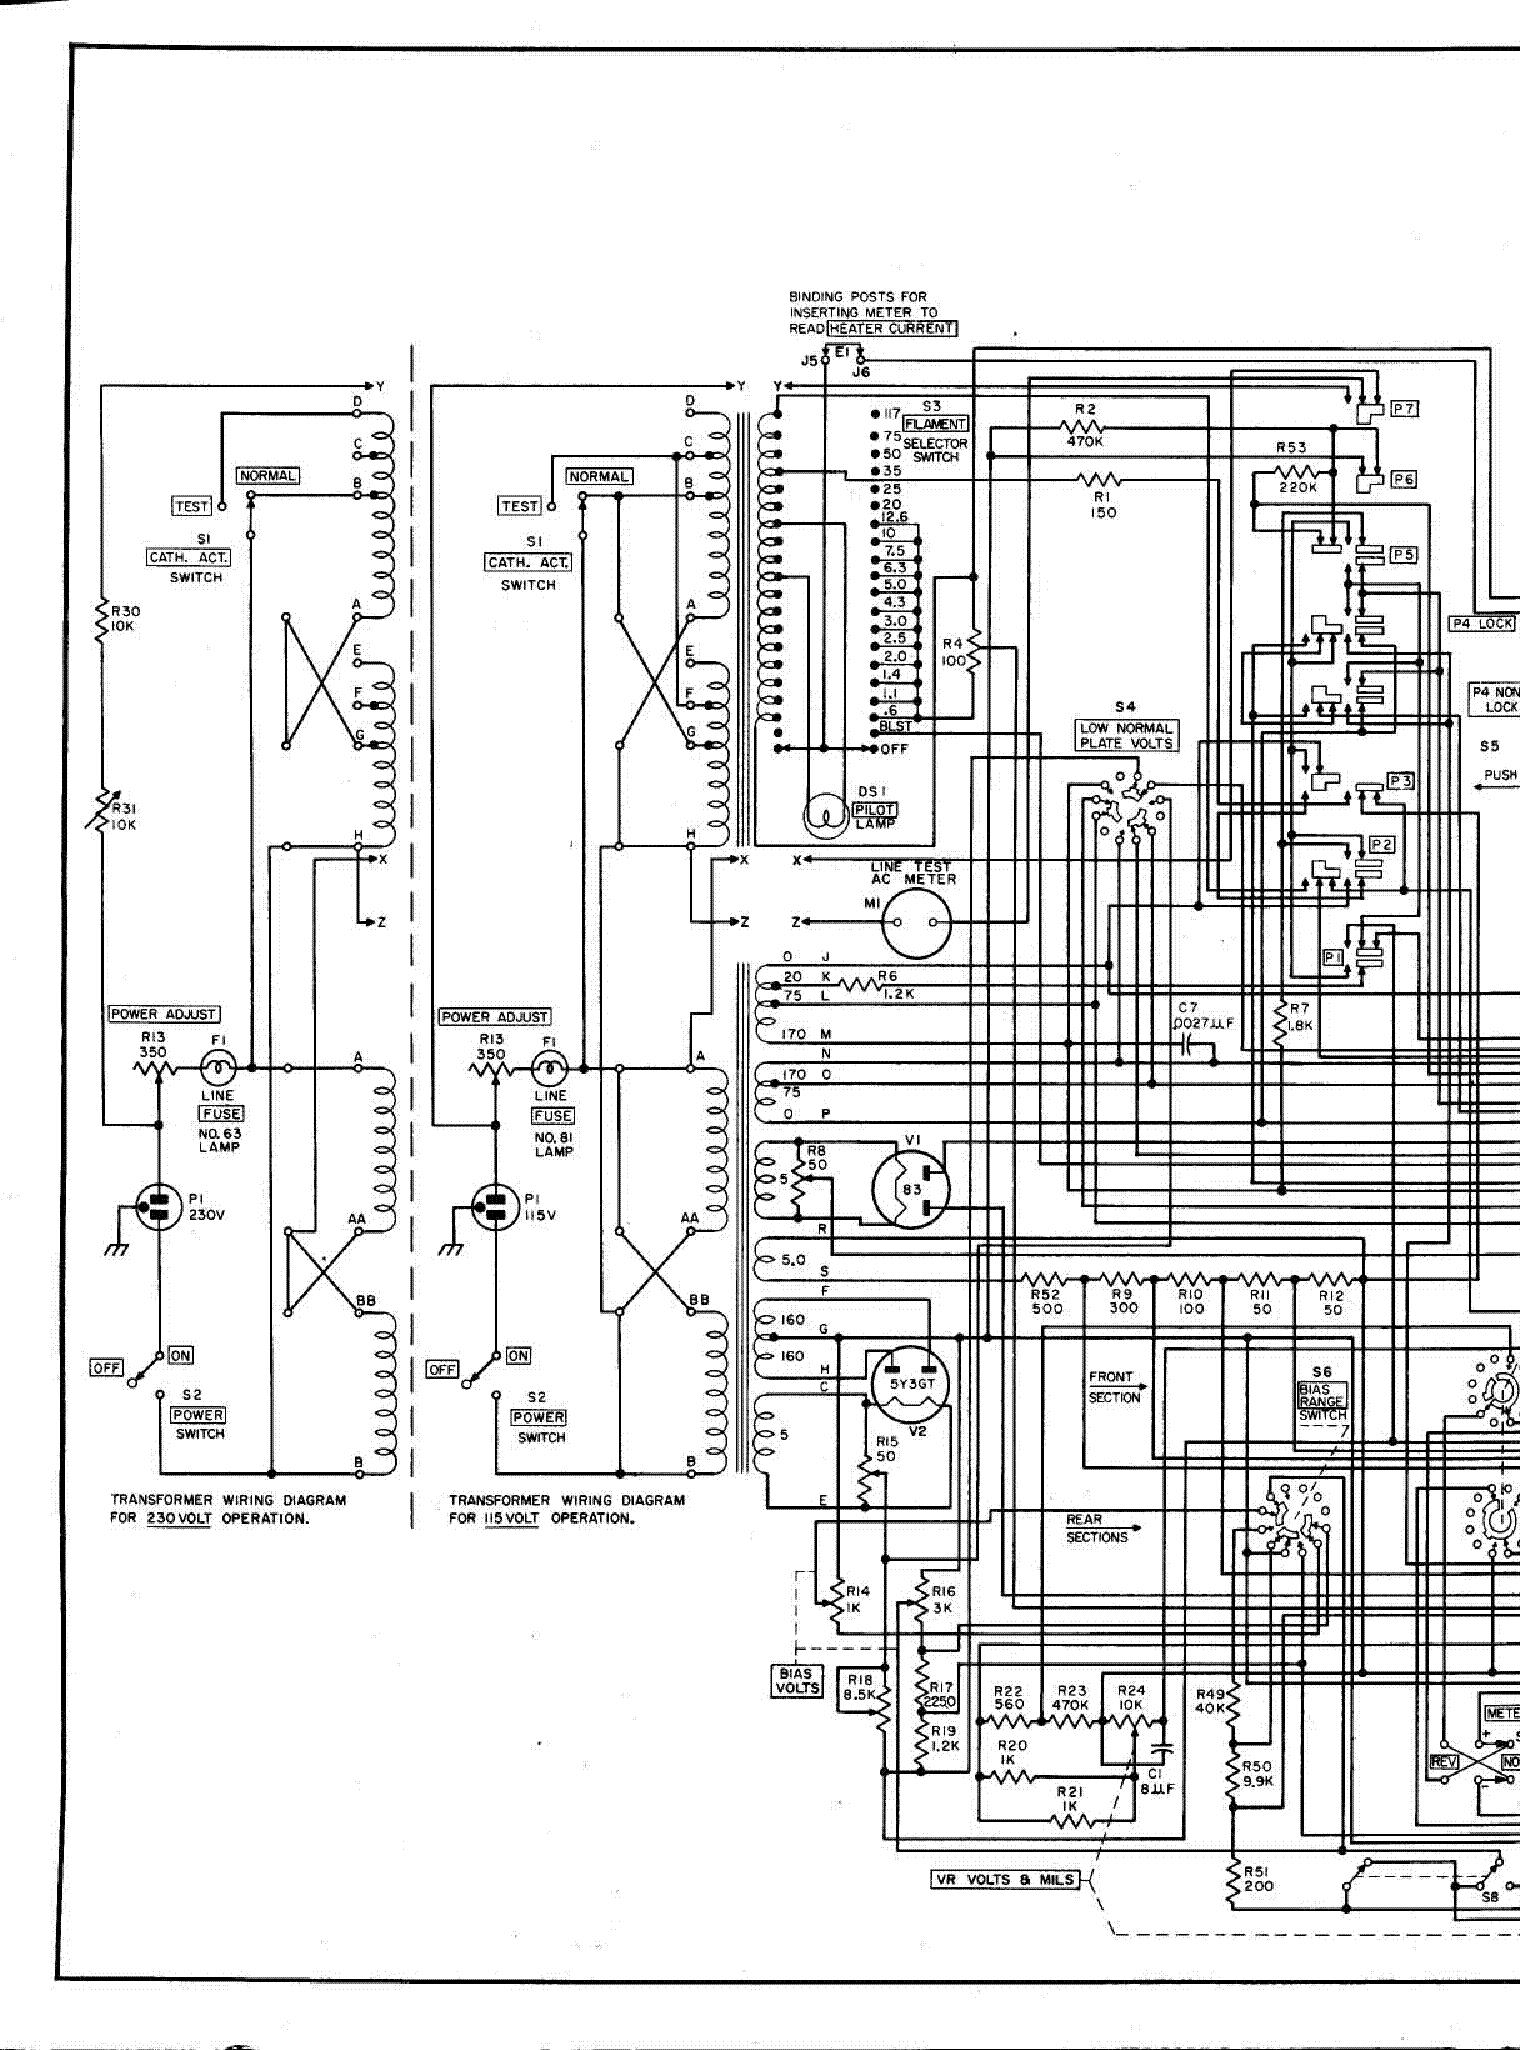 hickok 605a tube tester tube setup chart service manual